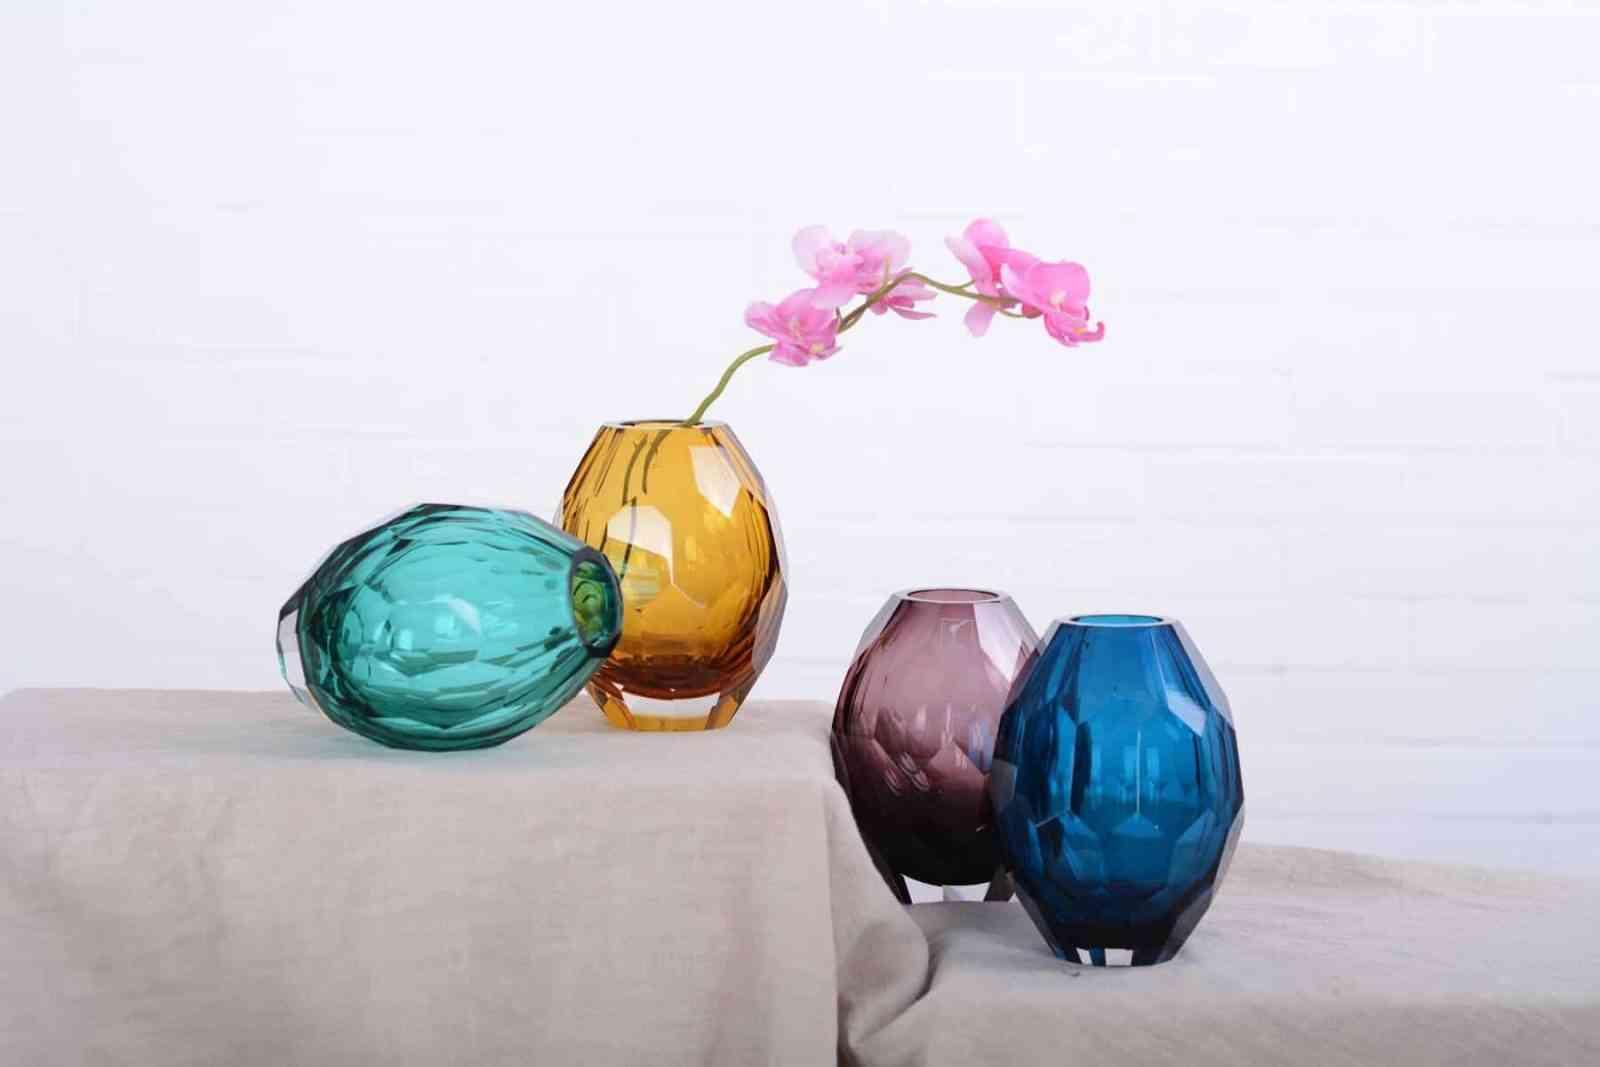 Top 10 mẫu bình hoa đẹp, đơn giản mà trang trọng theo nghệ thuật sắp đặt - Top 10 binh hoa dep 5